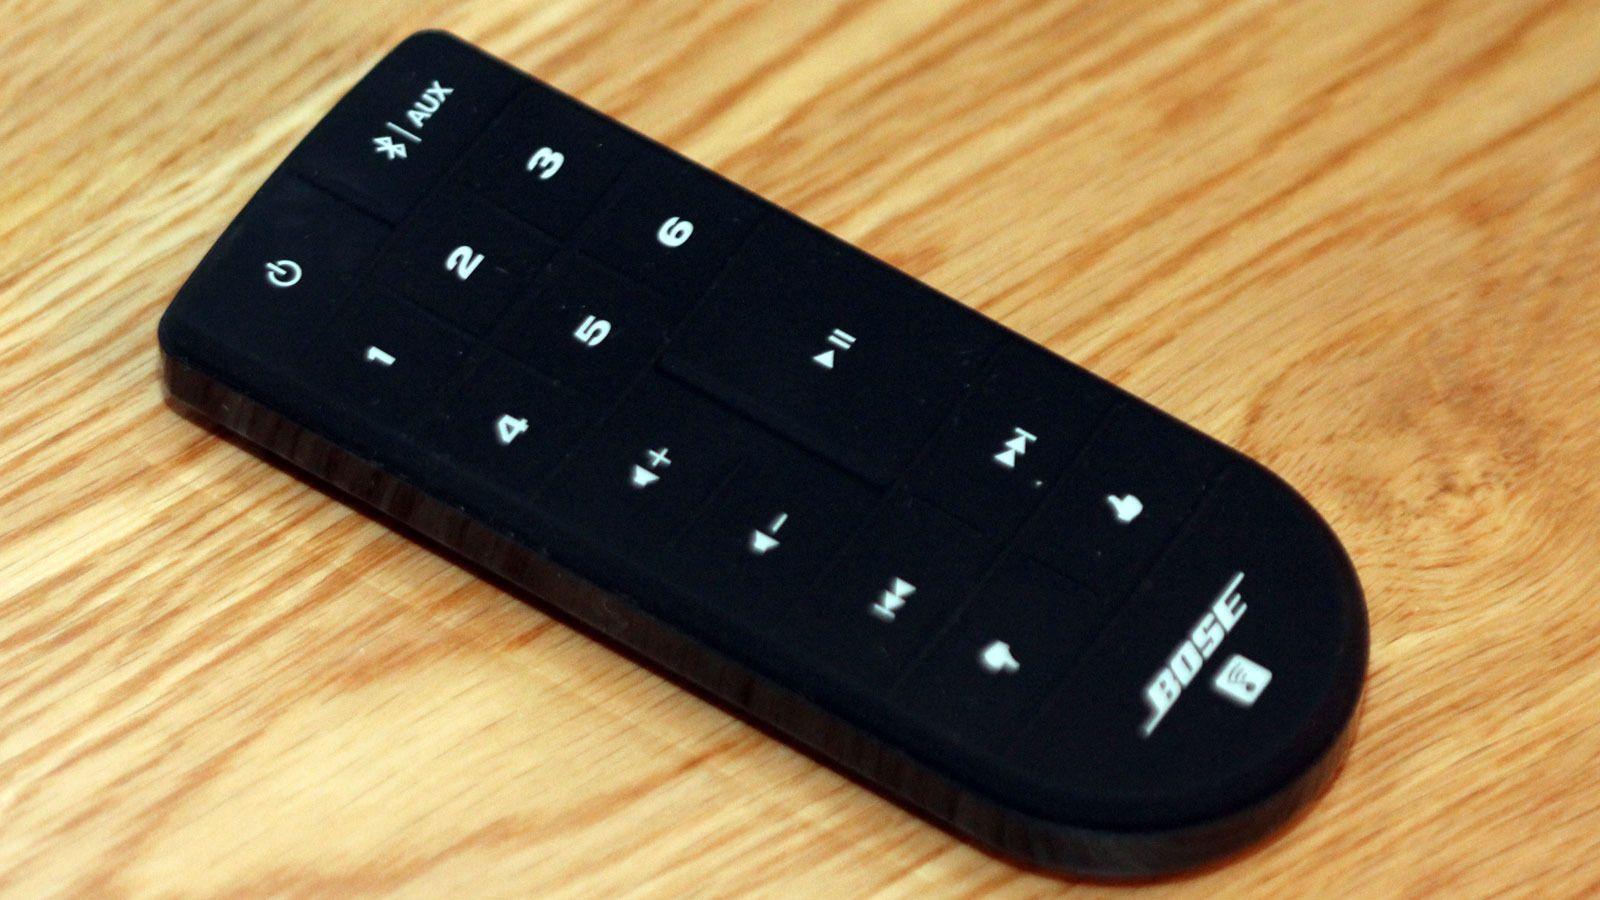 Fjernkontrollen lar deg skru på høyttaleren og velge mellom fem favorittkanaler/spillelister. Foto: Espen Irwing Swang, Tek.no